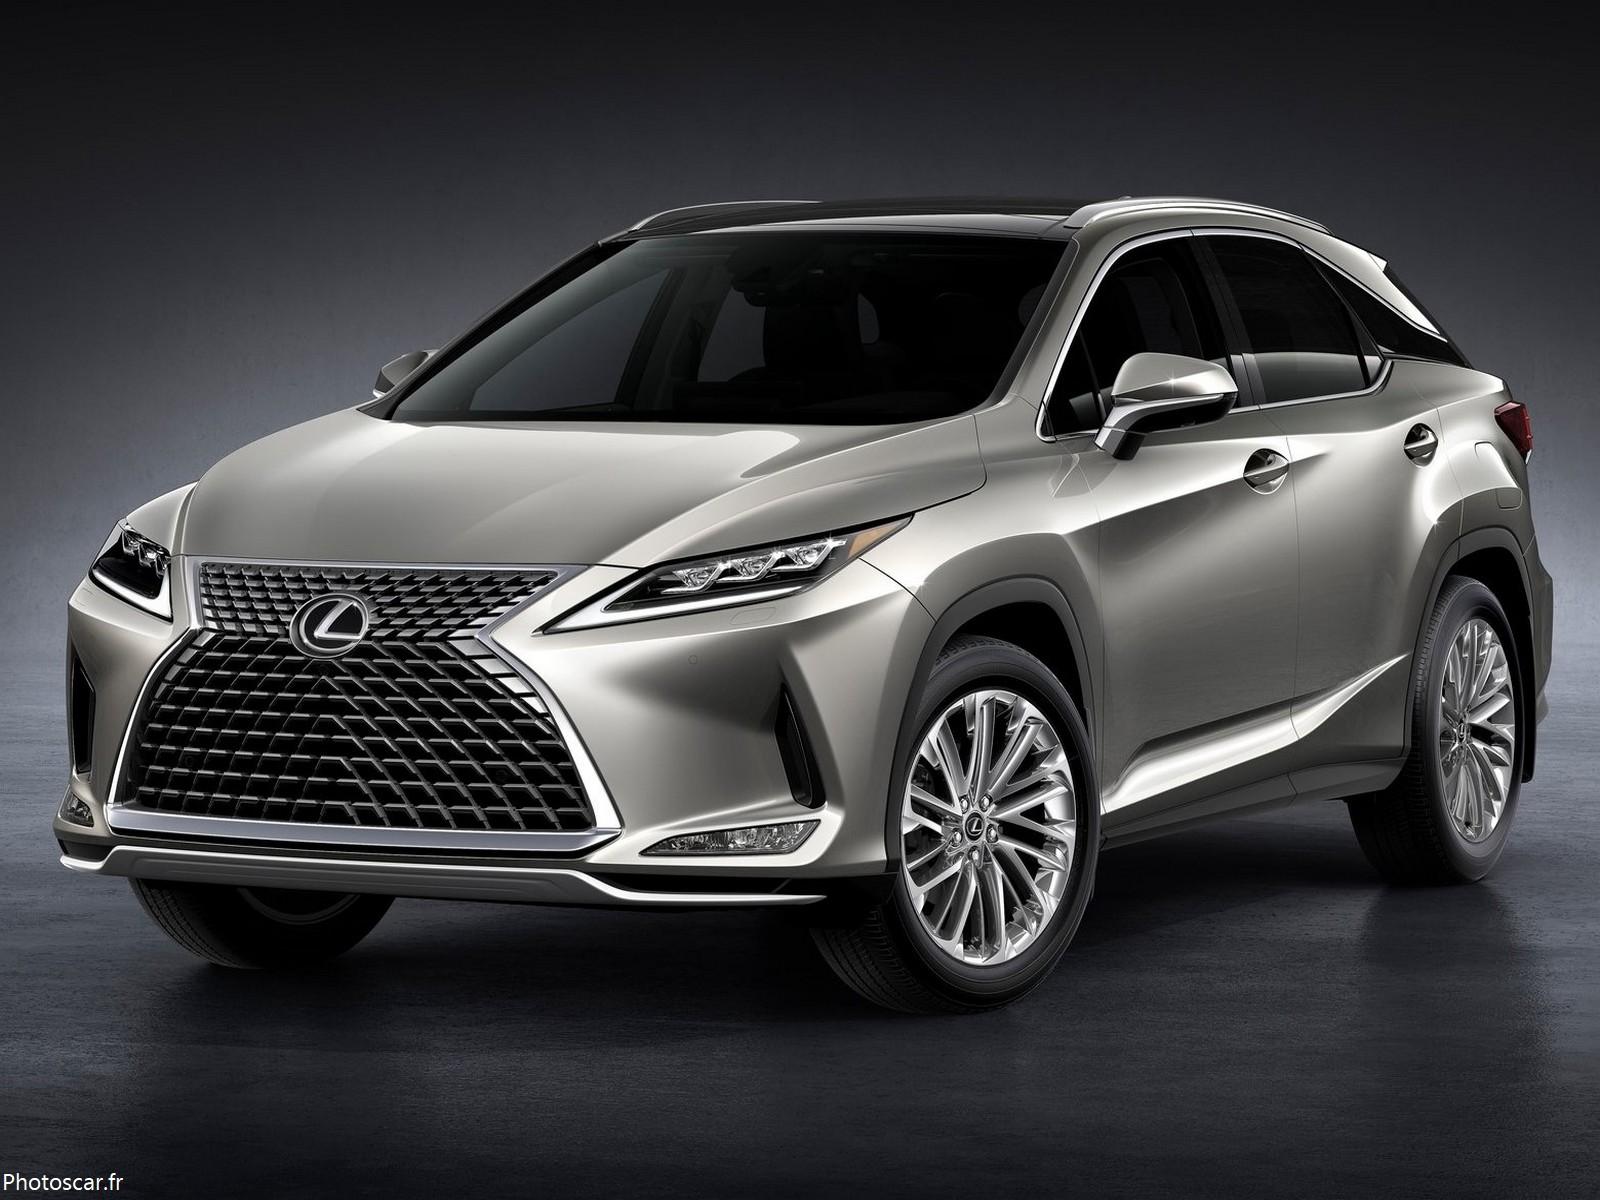 Lexus RX 2020 avec un style rafraîchi et une technologie actualisée.